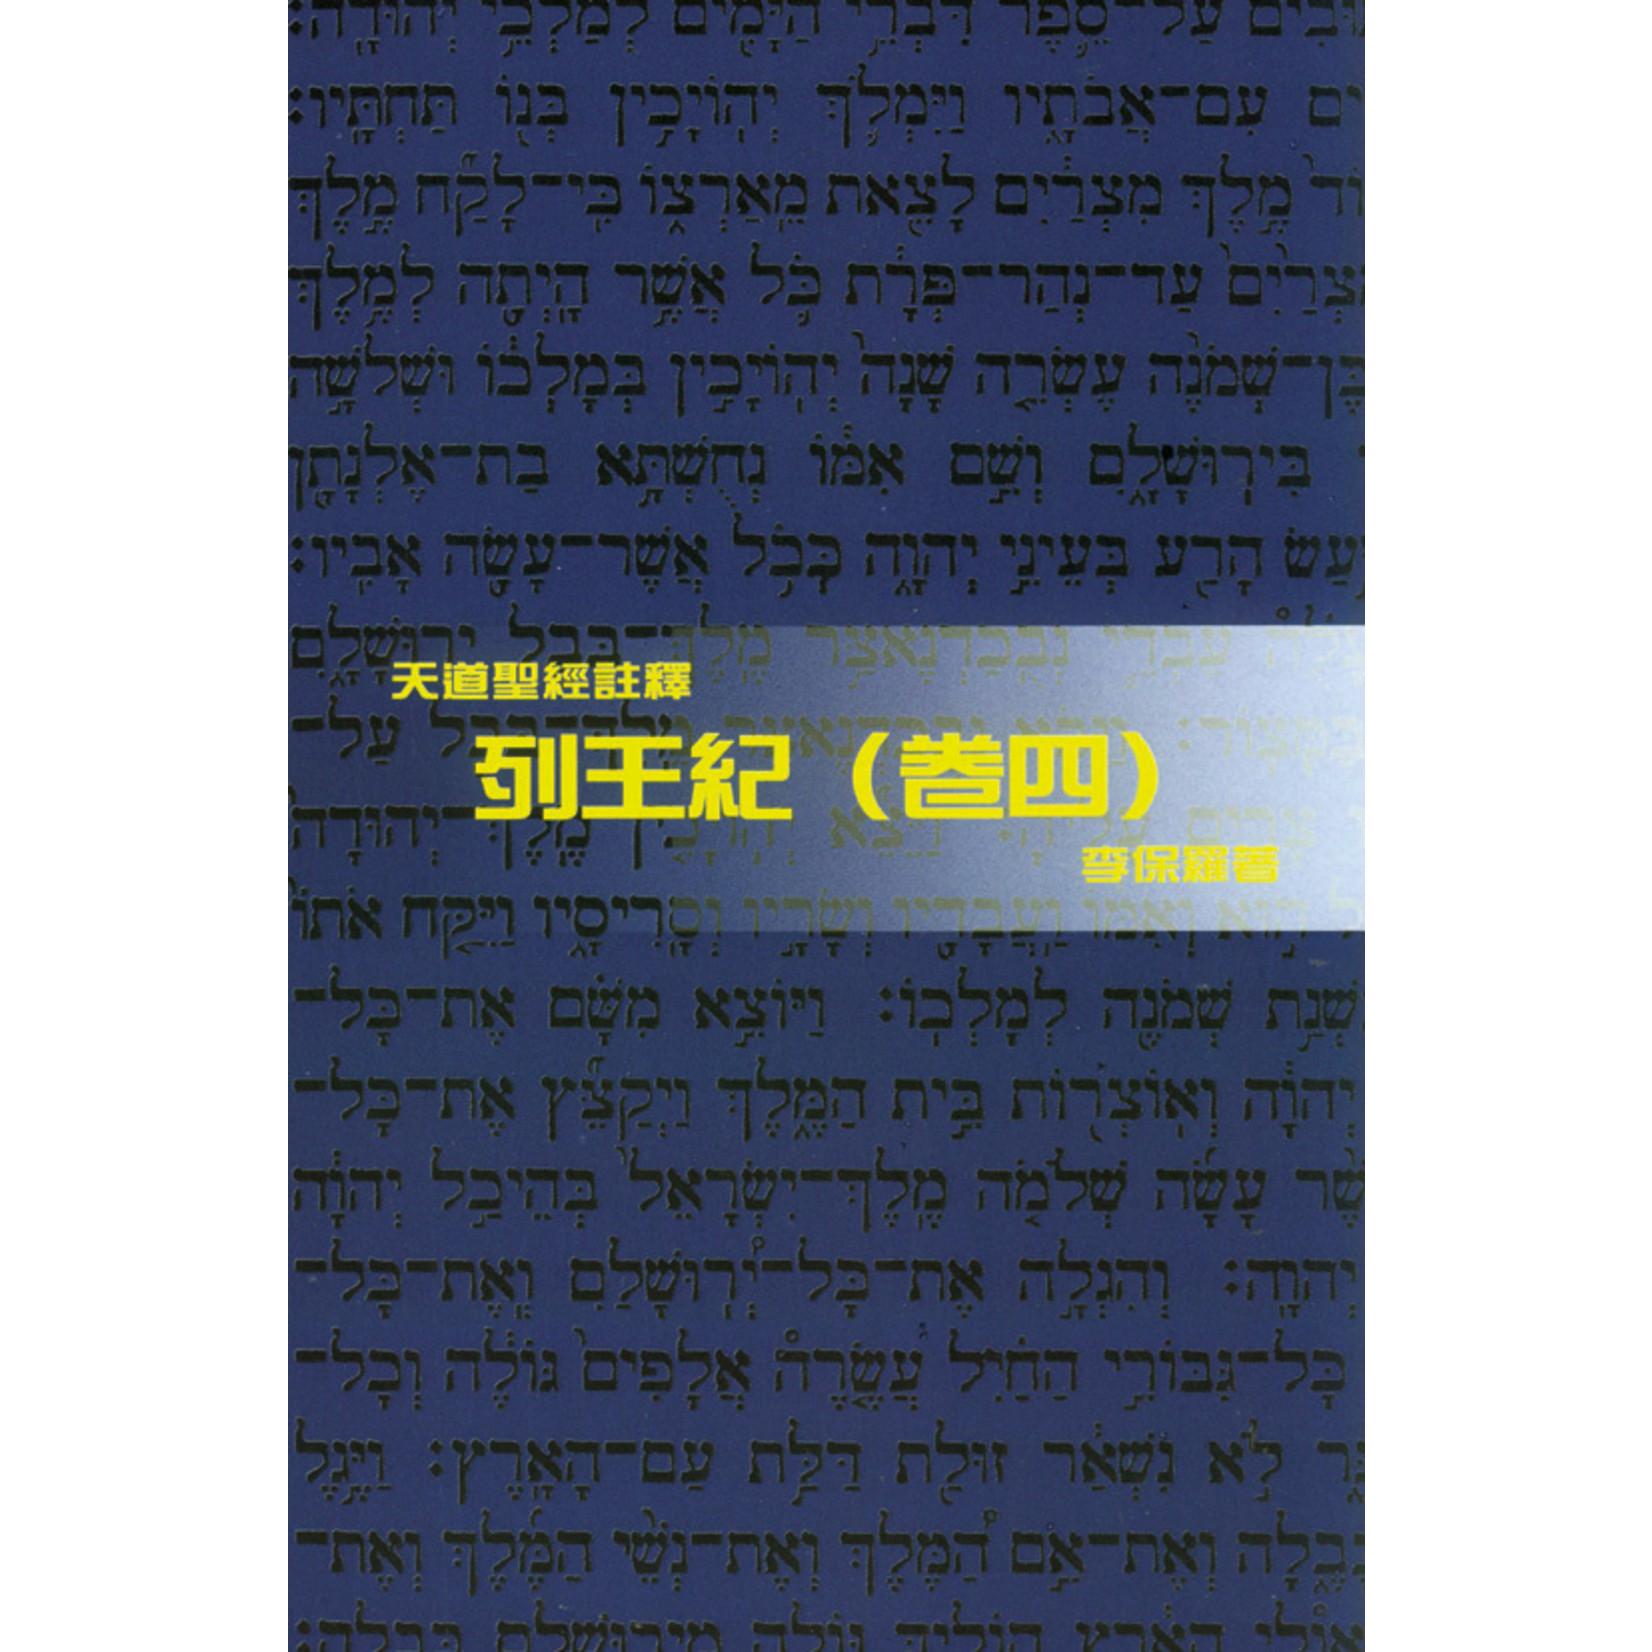 天道書樓 Tien Dao Publishing House 天道聖經註釋:列王紀(卷四)